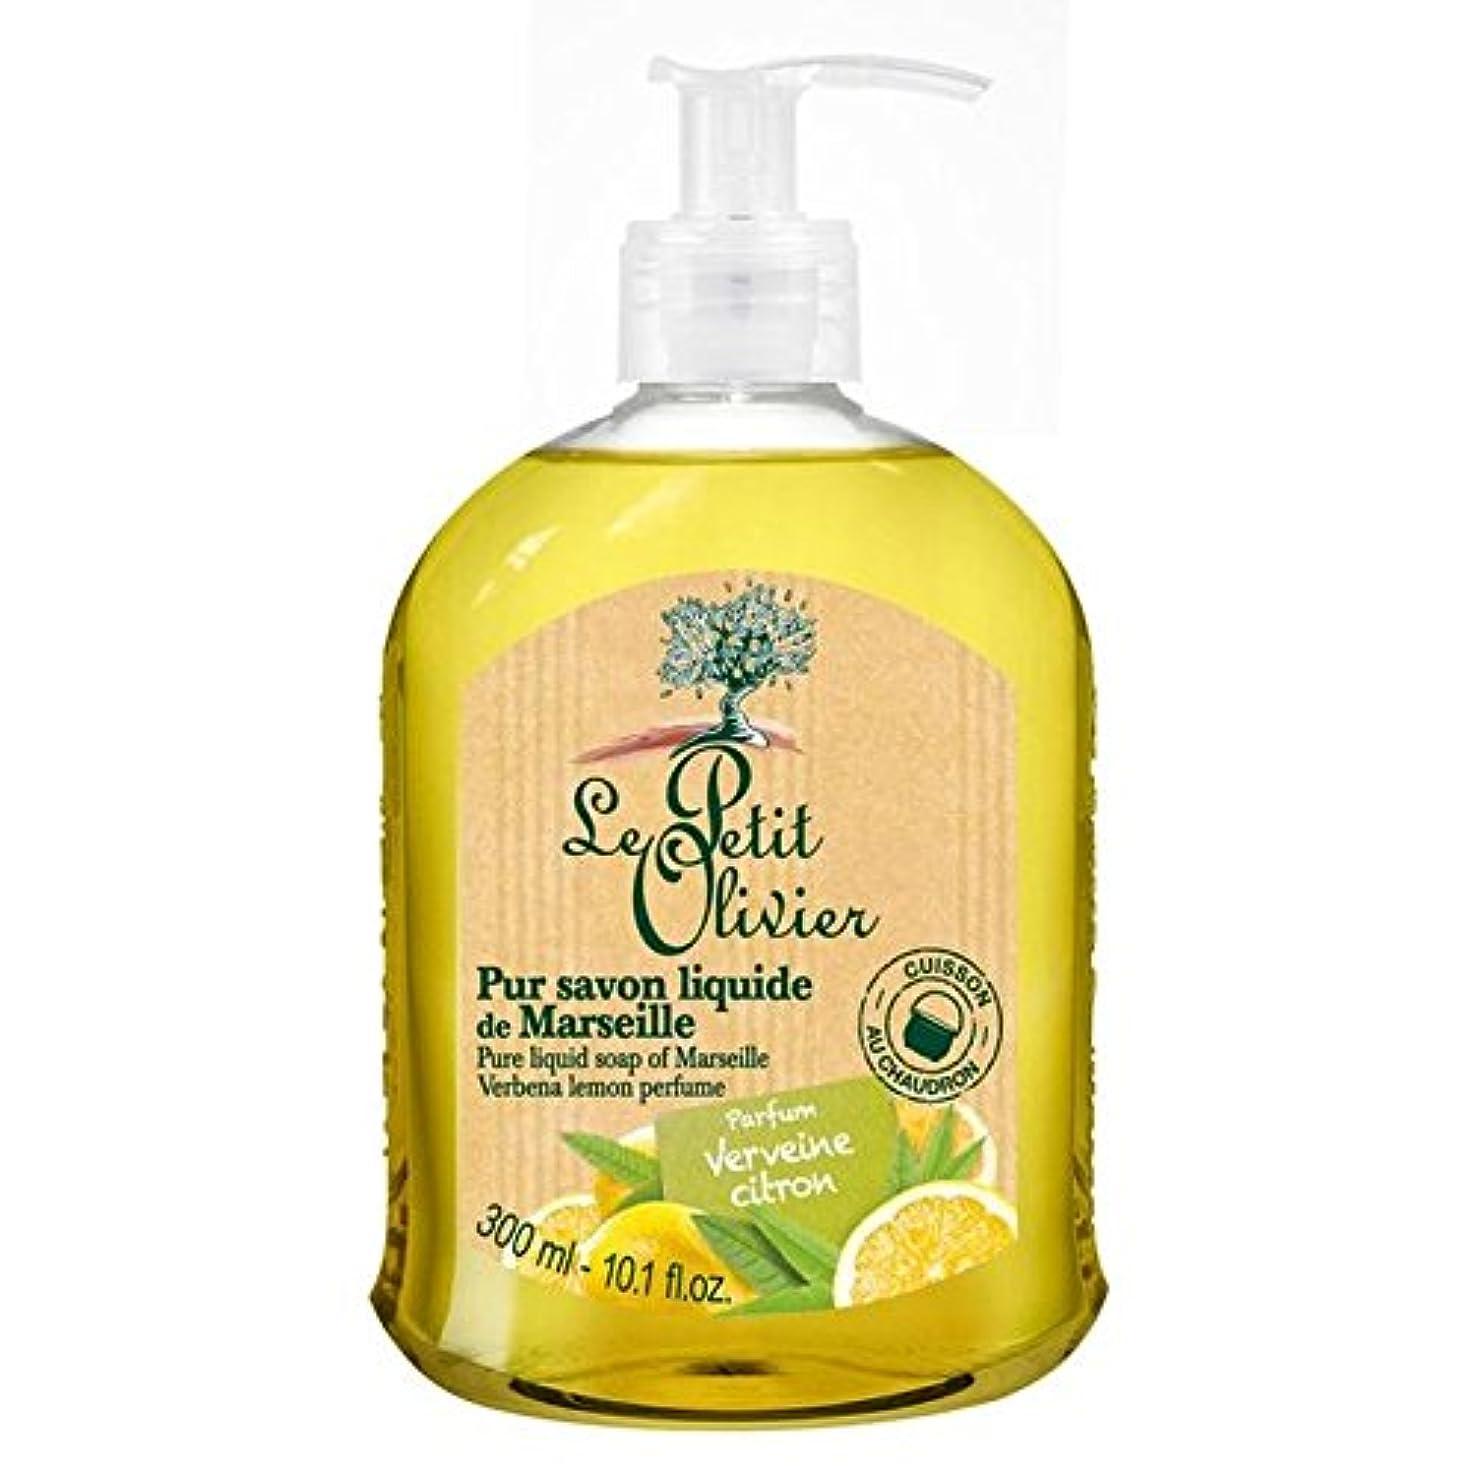 我慢する実験軌道マルセイユのル?プティ?オリヴィエ純粋な液体石鹸、バーベナレモン300ミリリットル x2 - Le Petit Olivier Pure Liquid Soap of Marseille, Verbena Lemon 300ml...